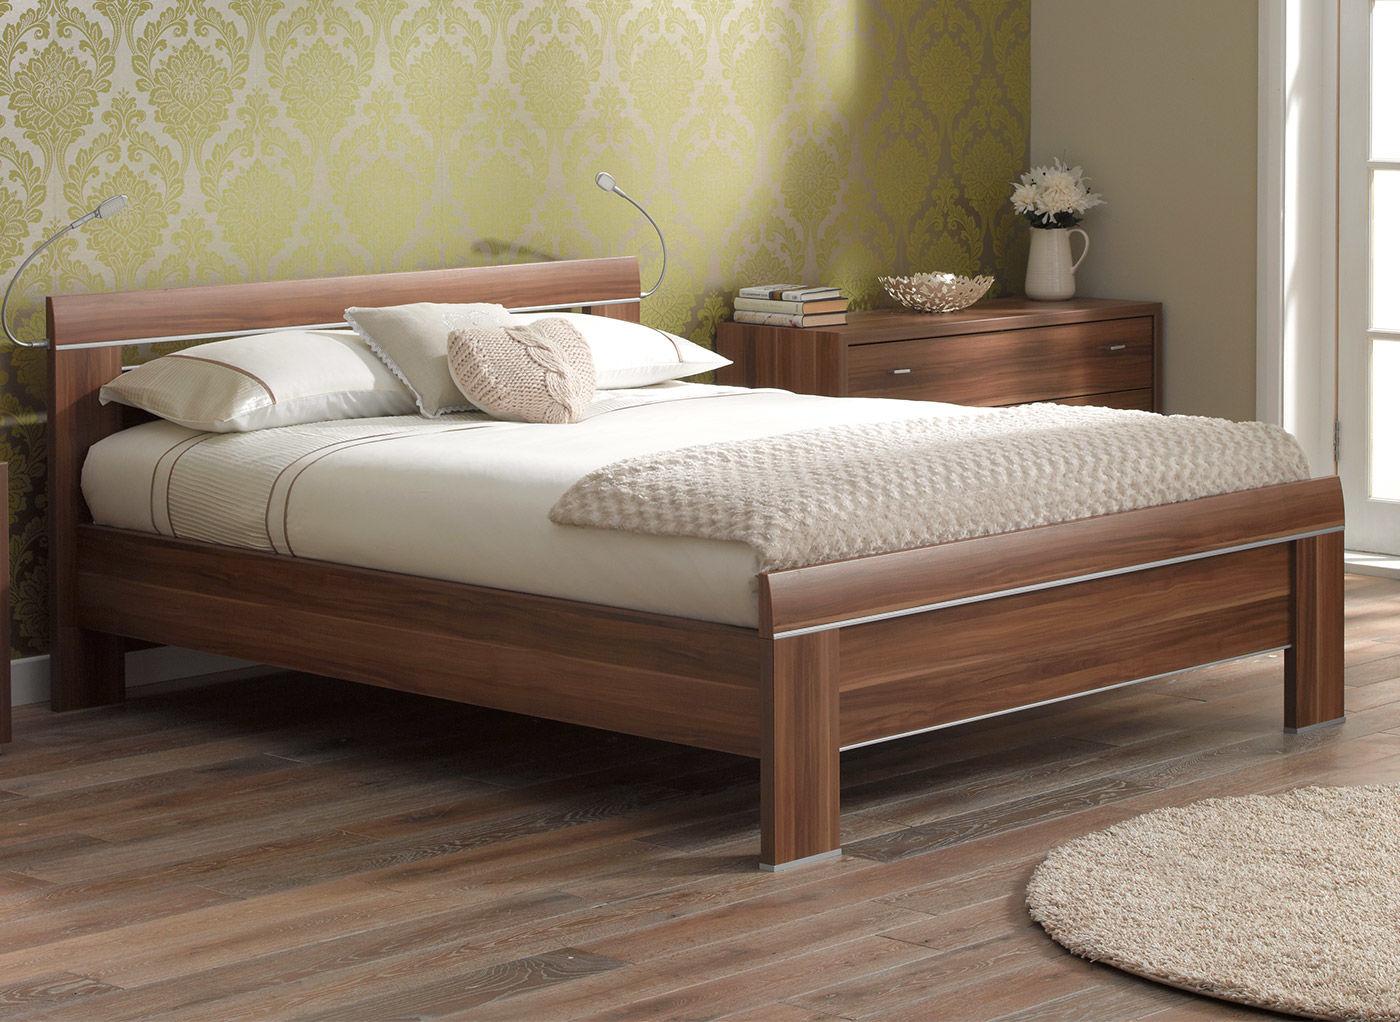 wooden beds berkeley bed frame walnut QHKSKLC